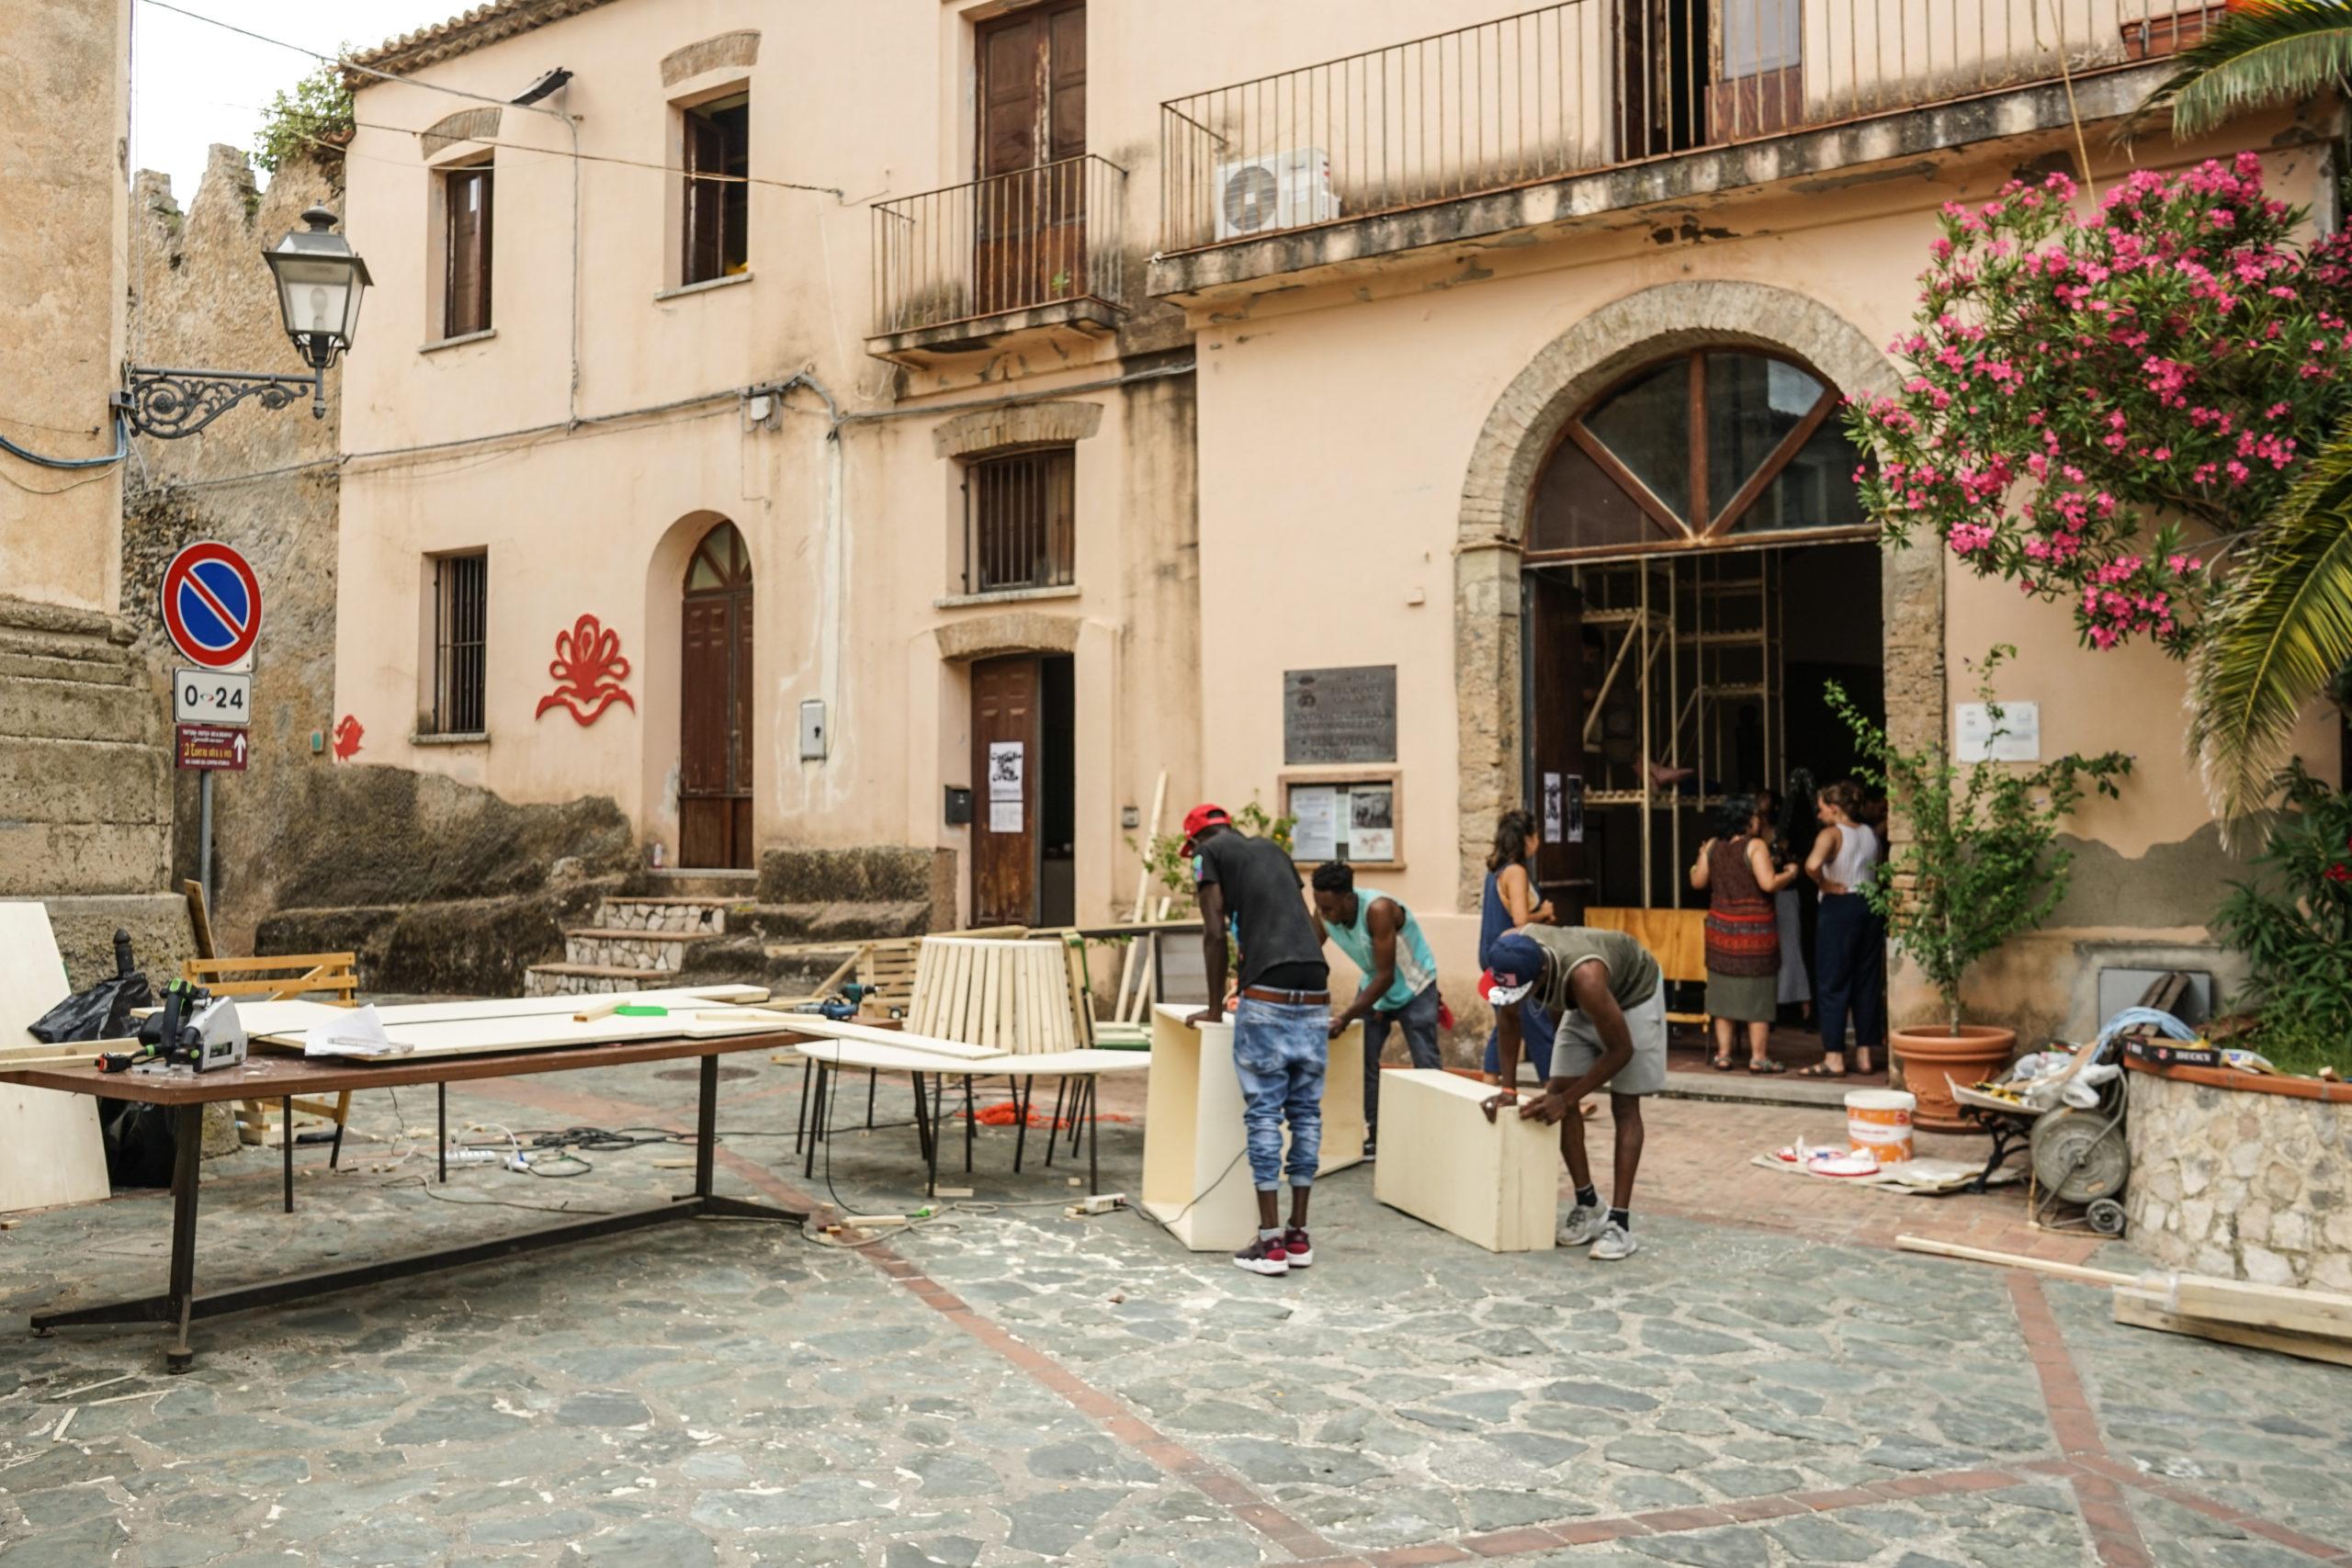 Realizzazione delle strutture della libreria in piazza a belmonte